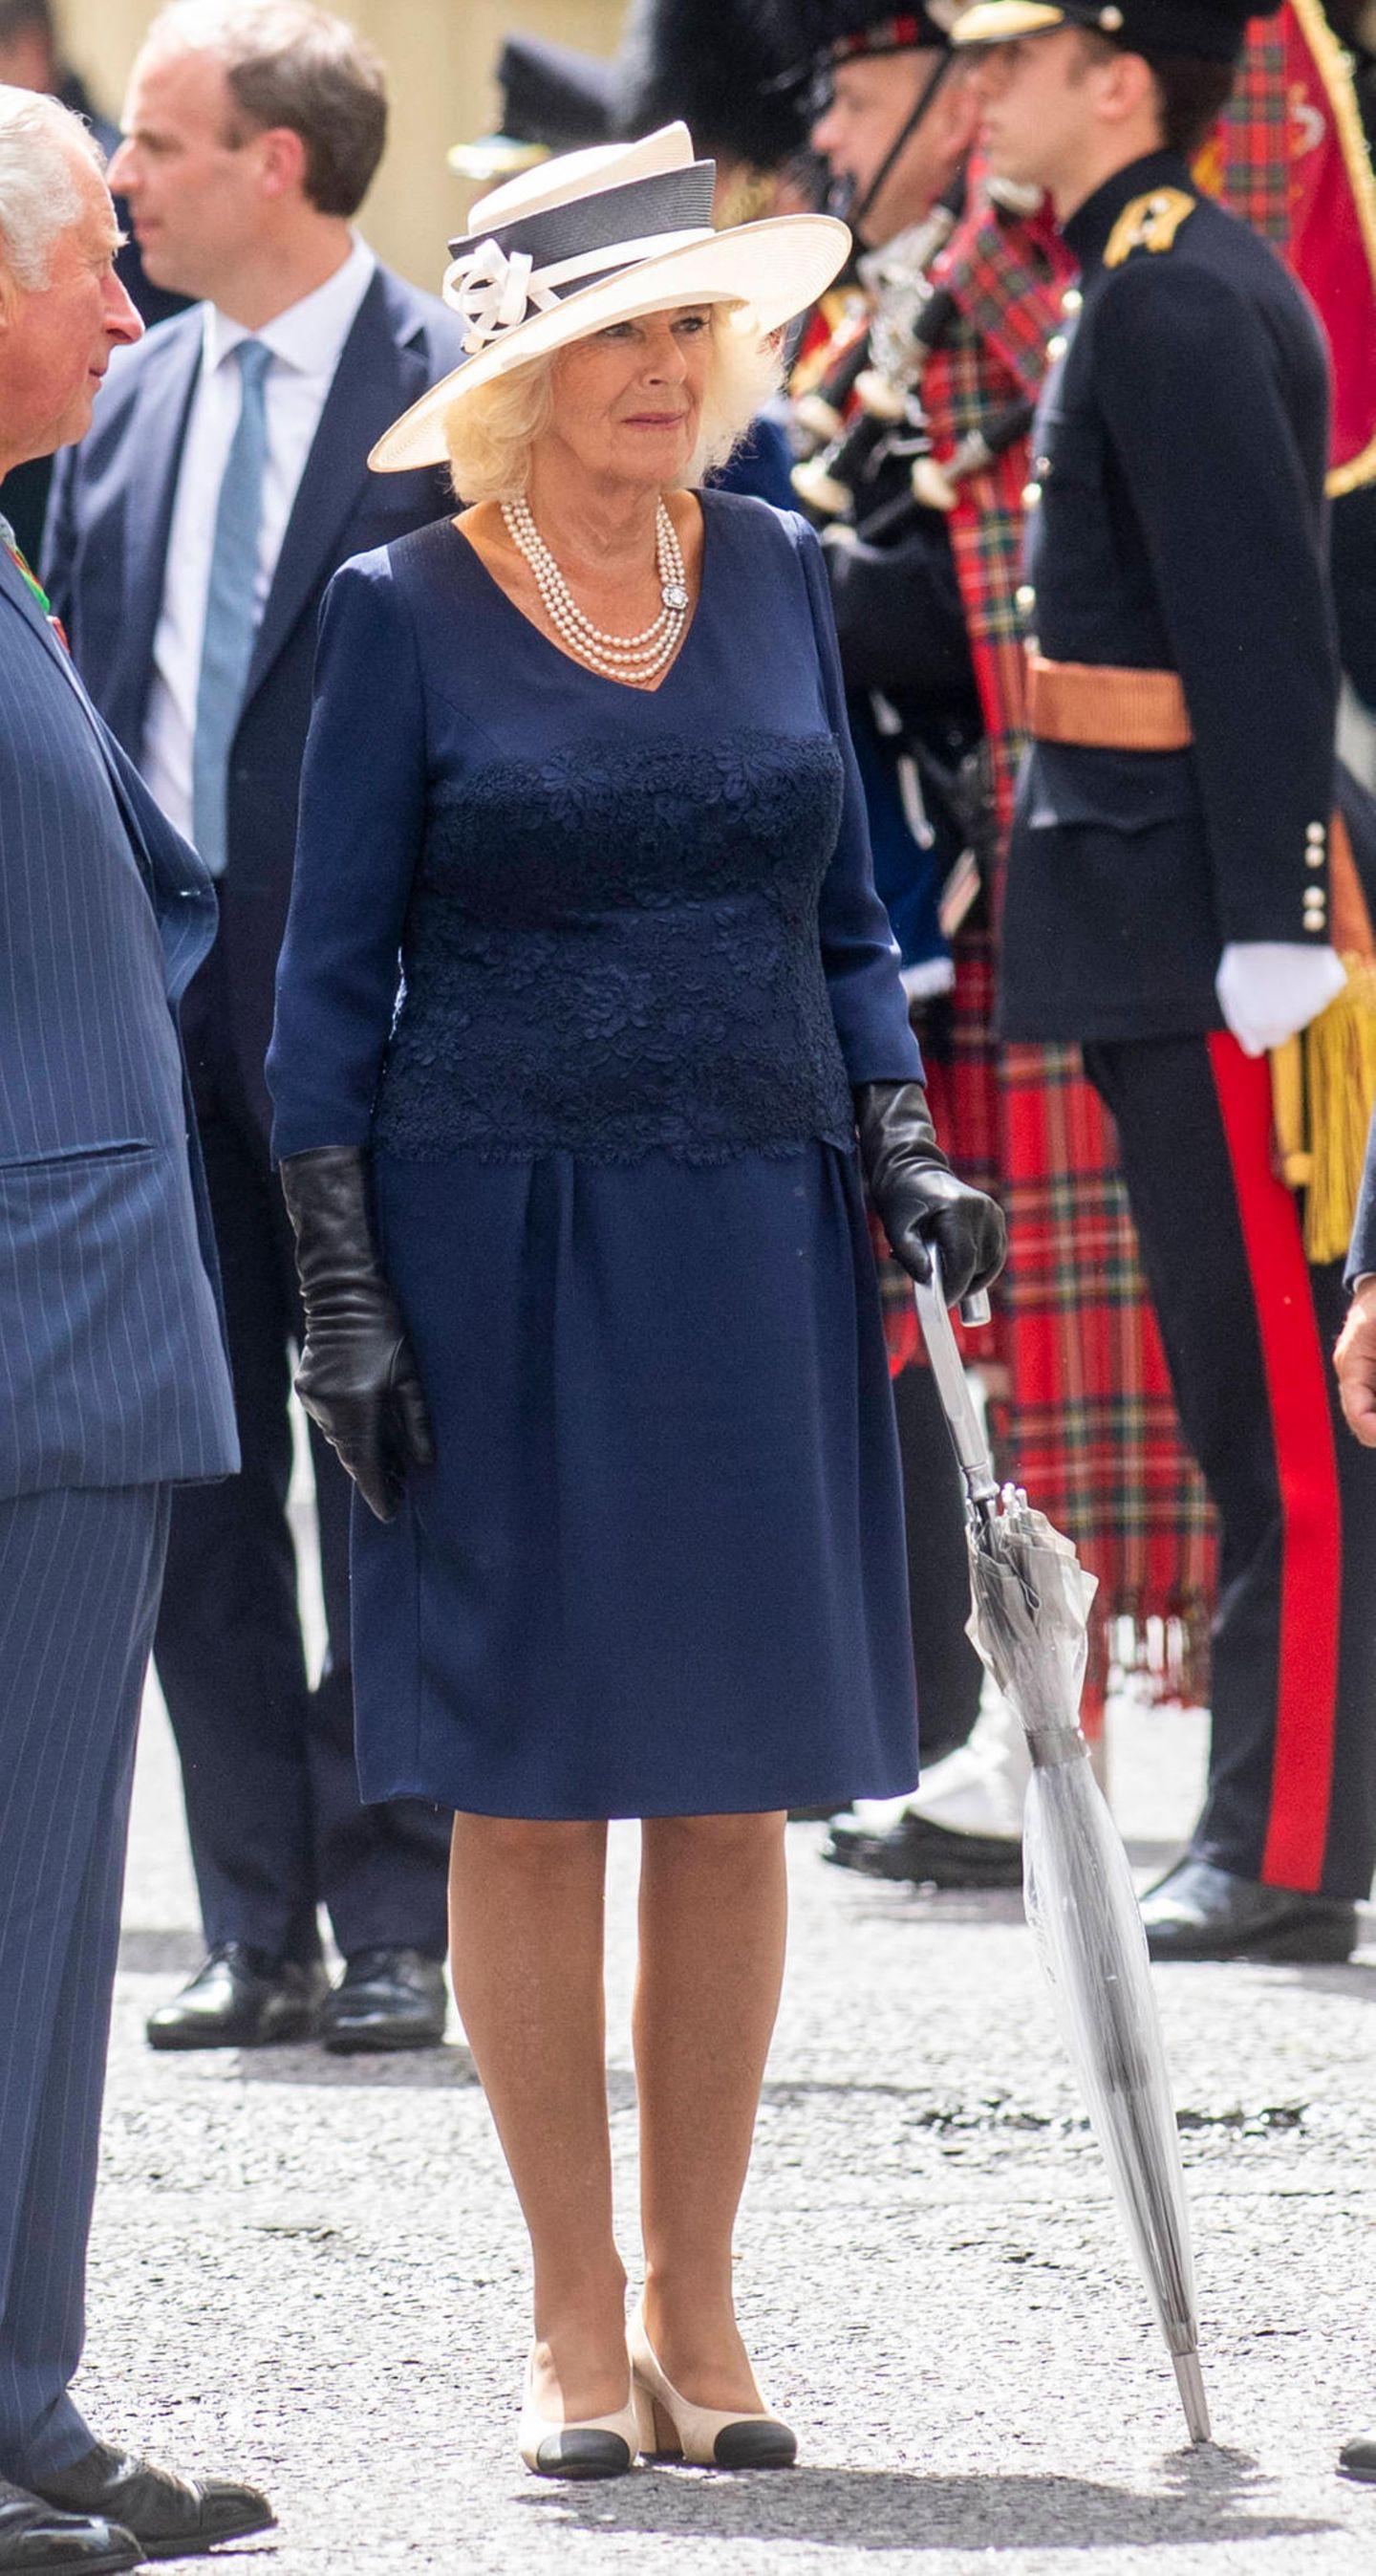 Beim Empfang vonEmmanuel Macron in London zeigte sich Herzogin Camilla von ihrer elegantesten Seite: Ein dunkelblaues Spitzenkleid kombiniert sie zu Hut, Perlenkette, Lederhandschuhen und Chanel-Pumps. Très chic!